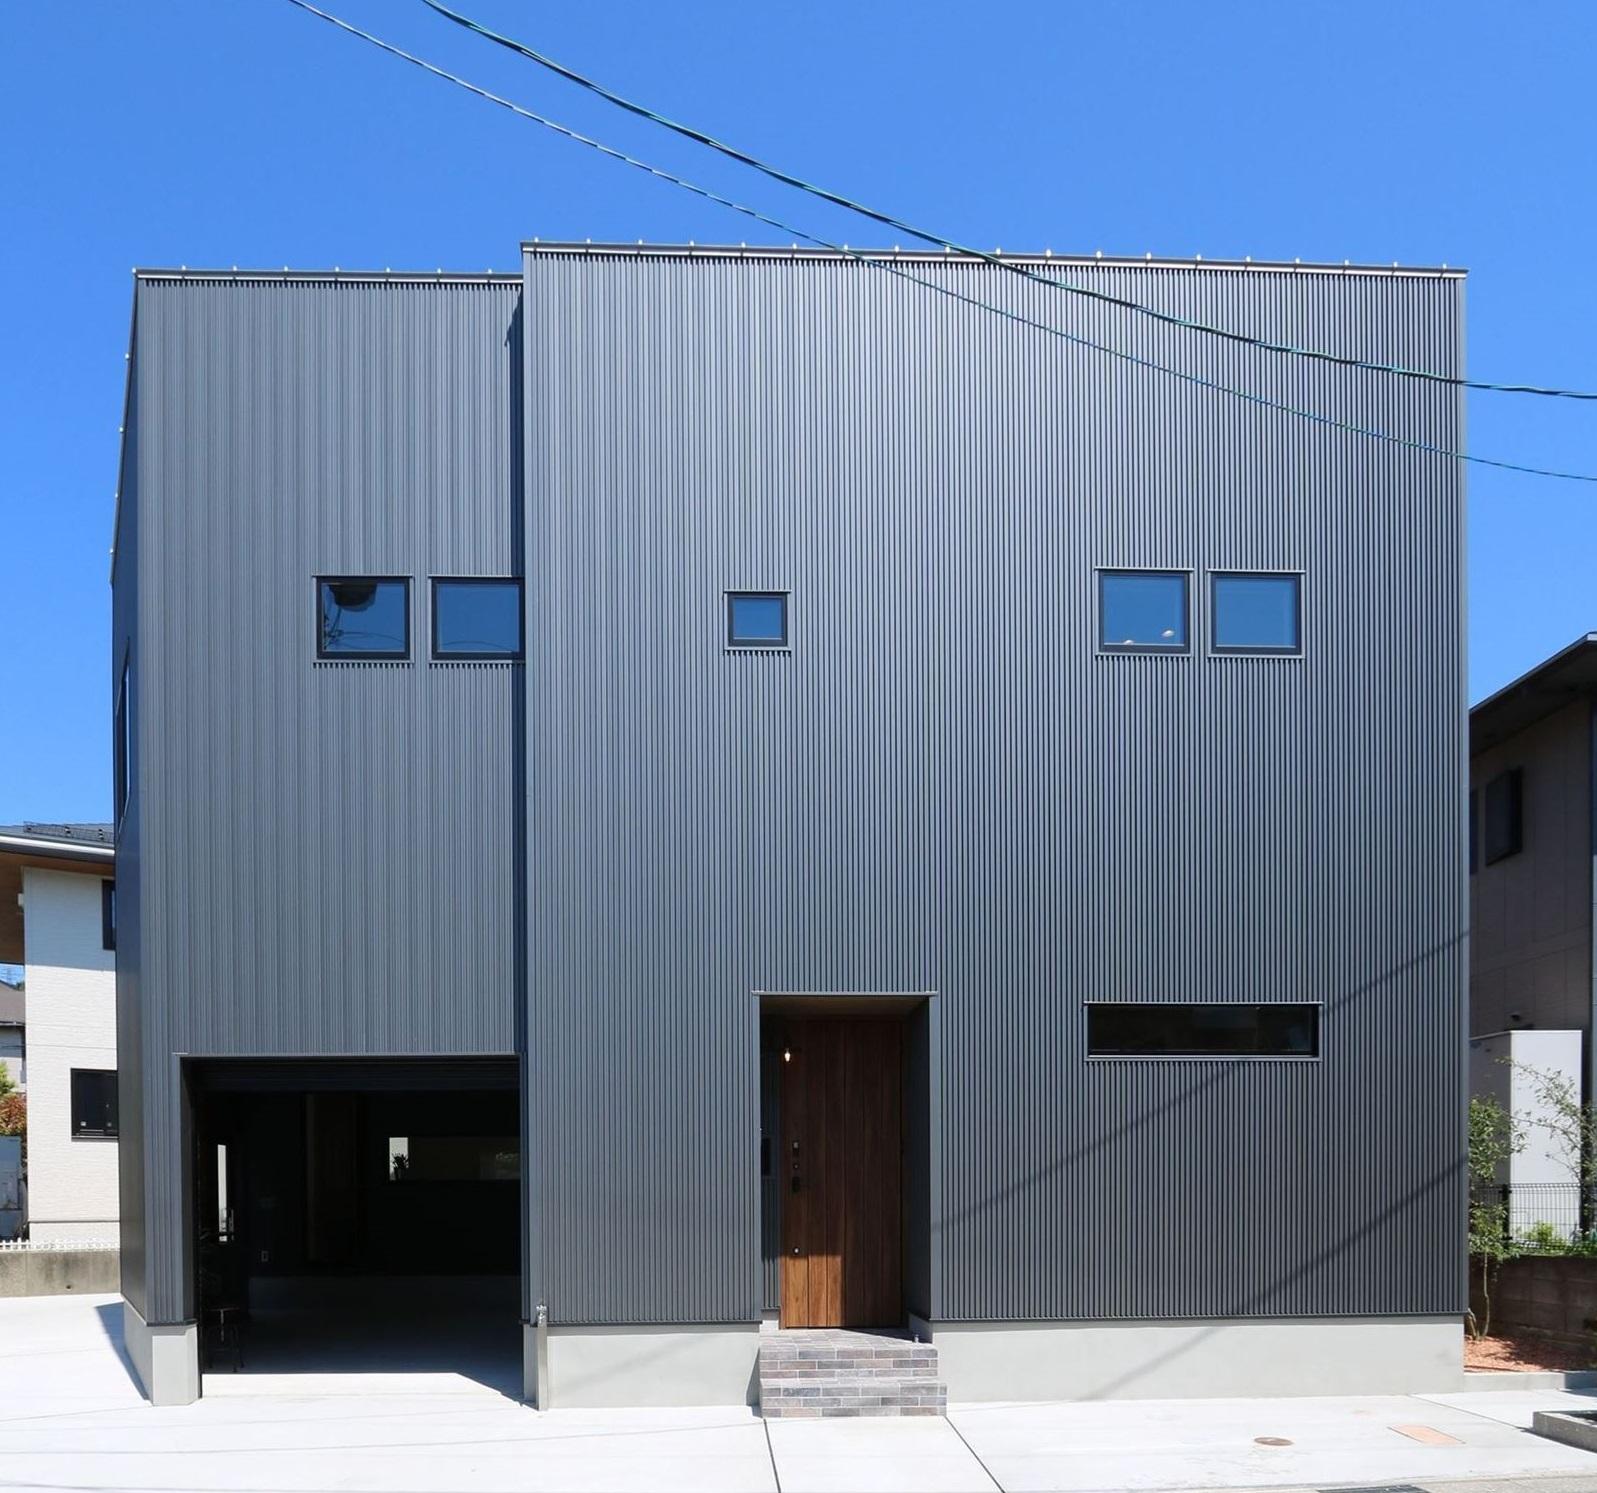 インナーガレージのある「ロの字」型の家|石川県金沢市の注文住宅・デザイン性・新築の家・戸建て|E-HOUSE